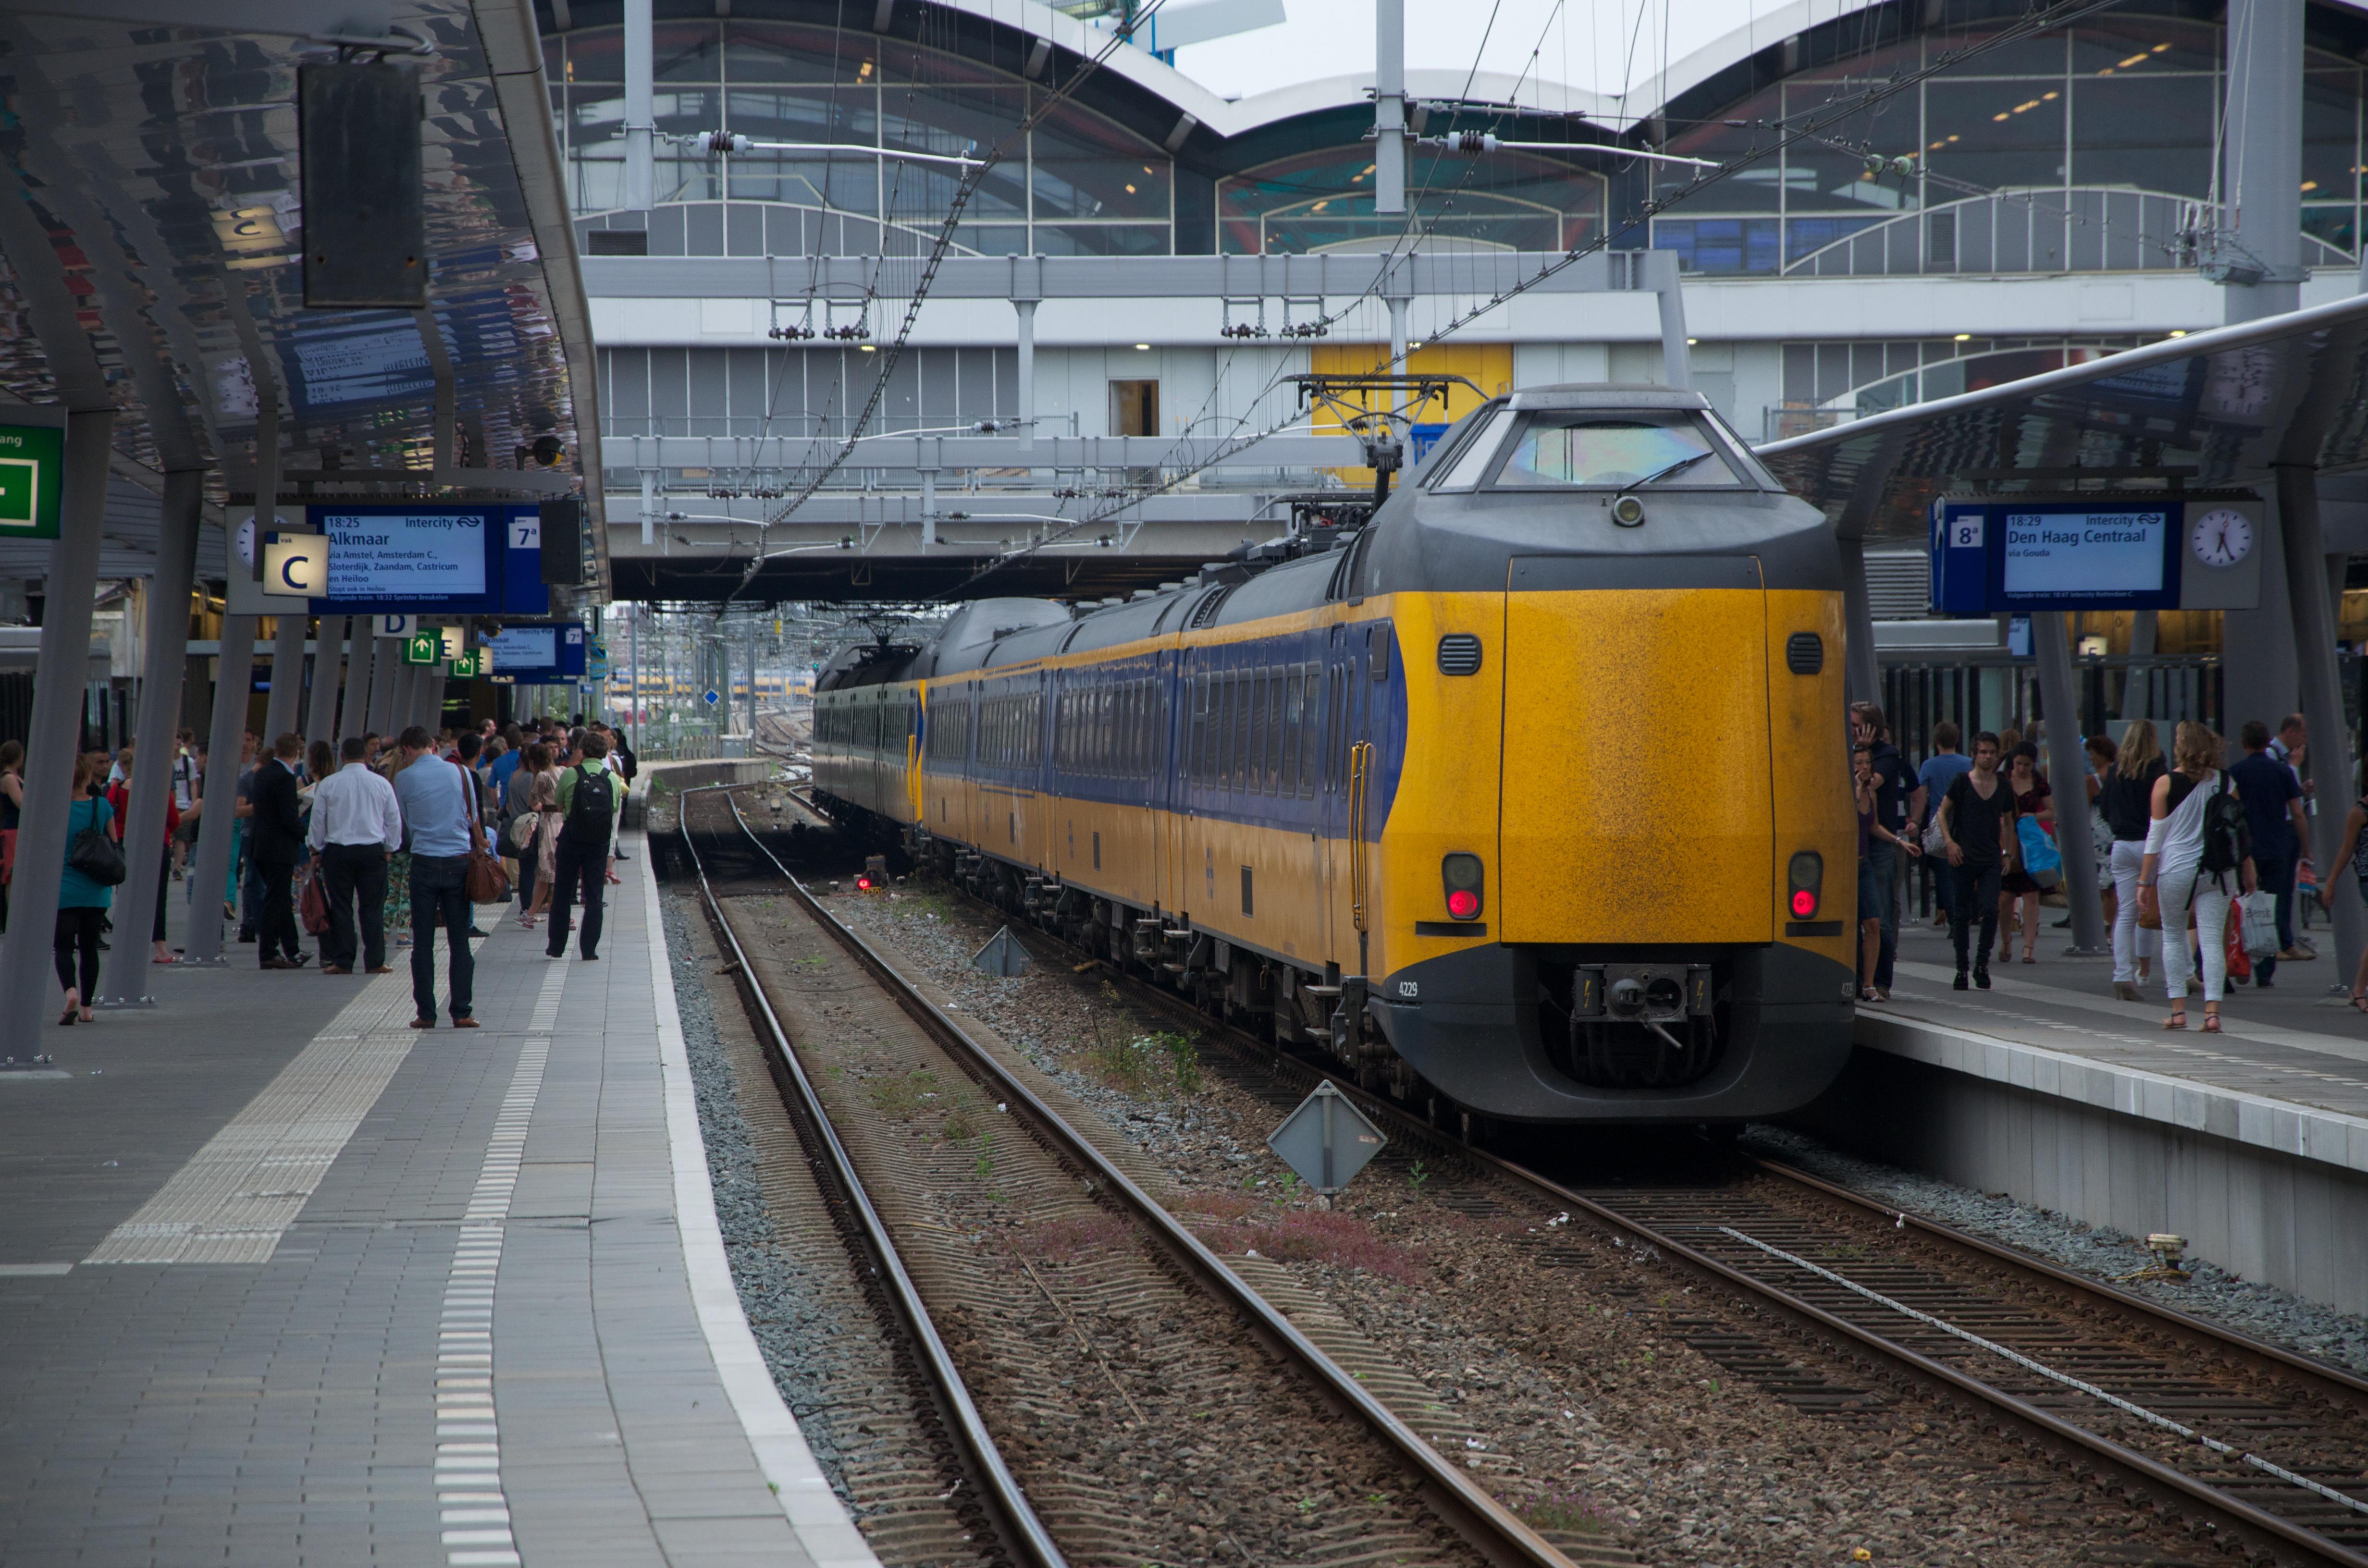 FileNS Koploper ICM 4229 te Utrecht Centraaljpg